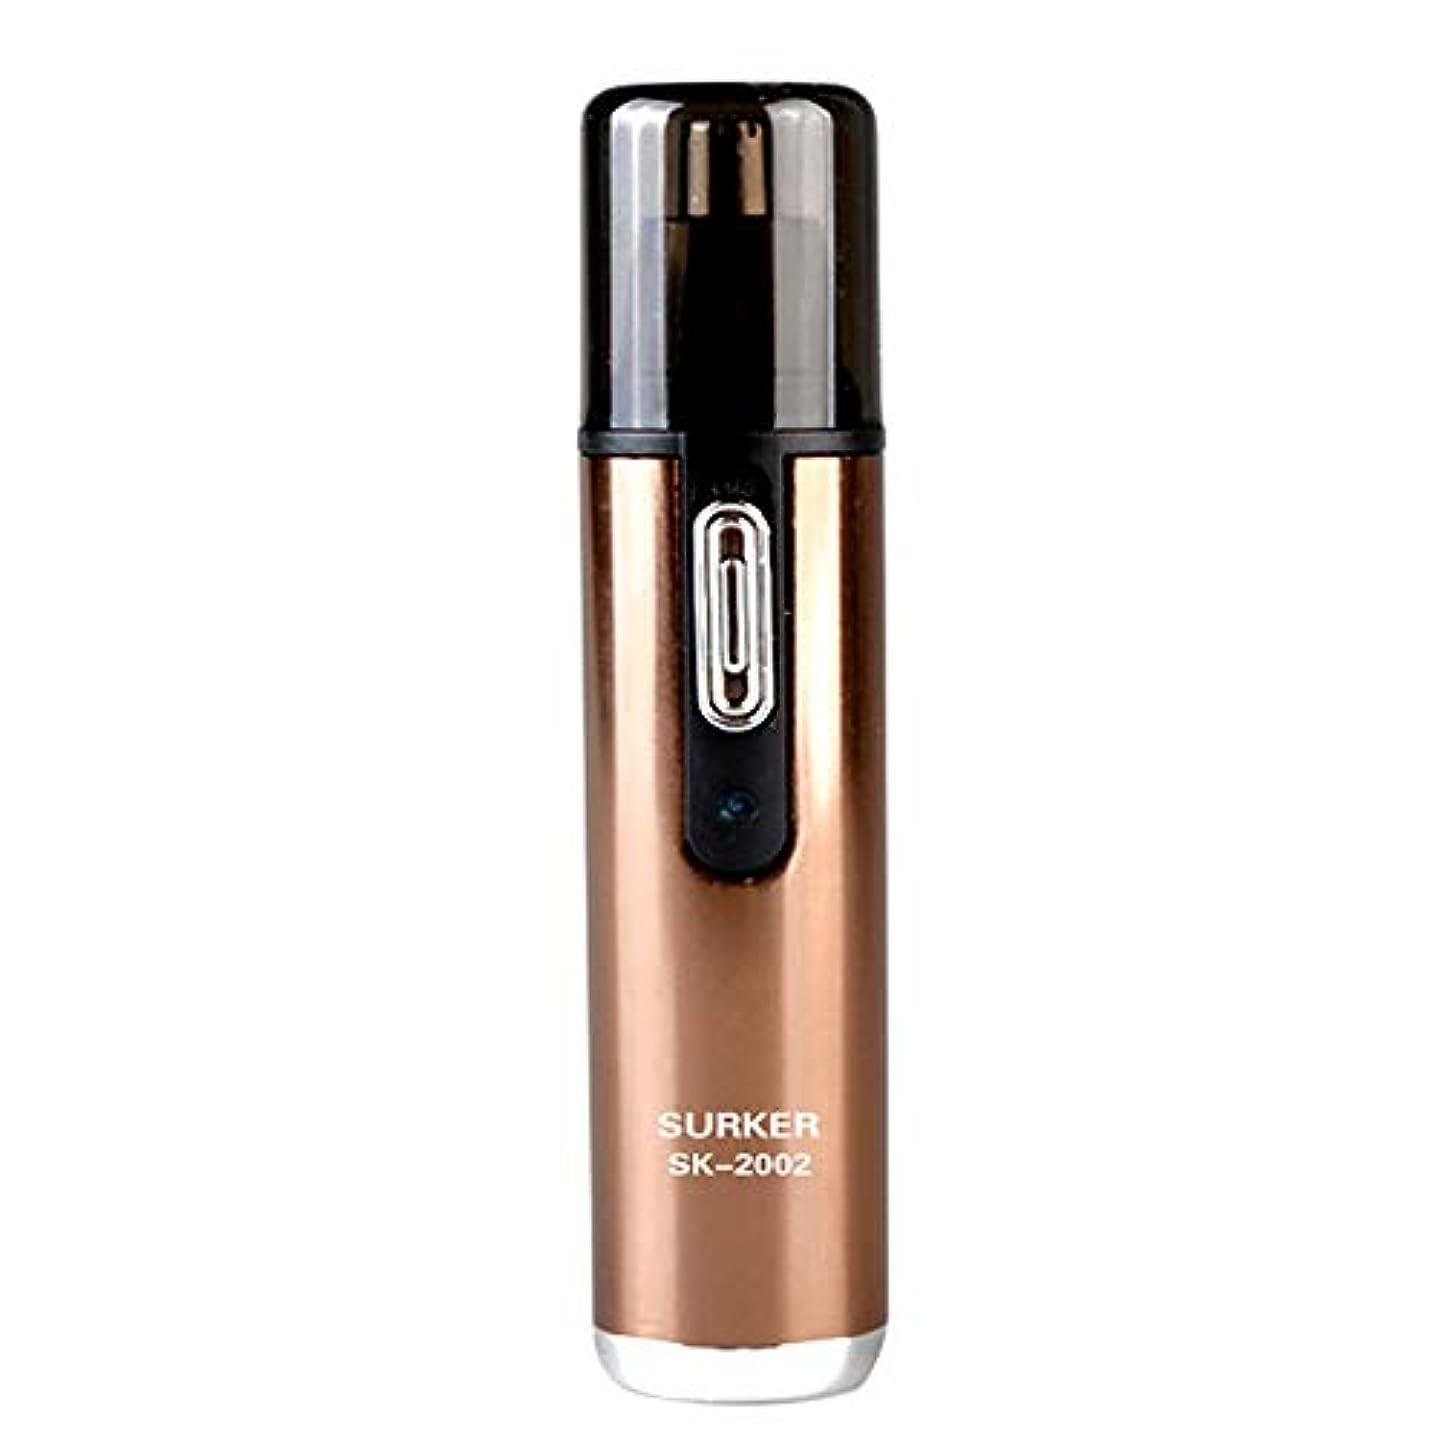 暴徒に負ける分割鼻のヘアトリマーは使いやすいです男性と女性のための50 dB以下の内部360°回転でノイズのある明るいLEDライトで、保護カバーで掃除しやすいです